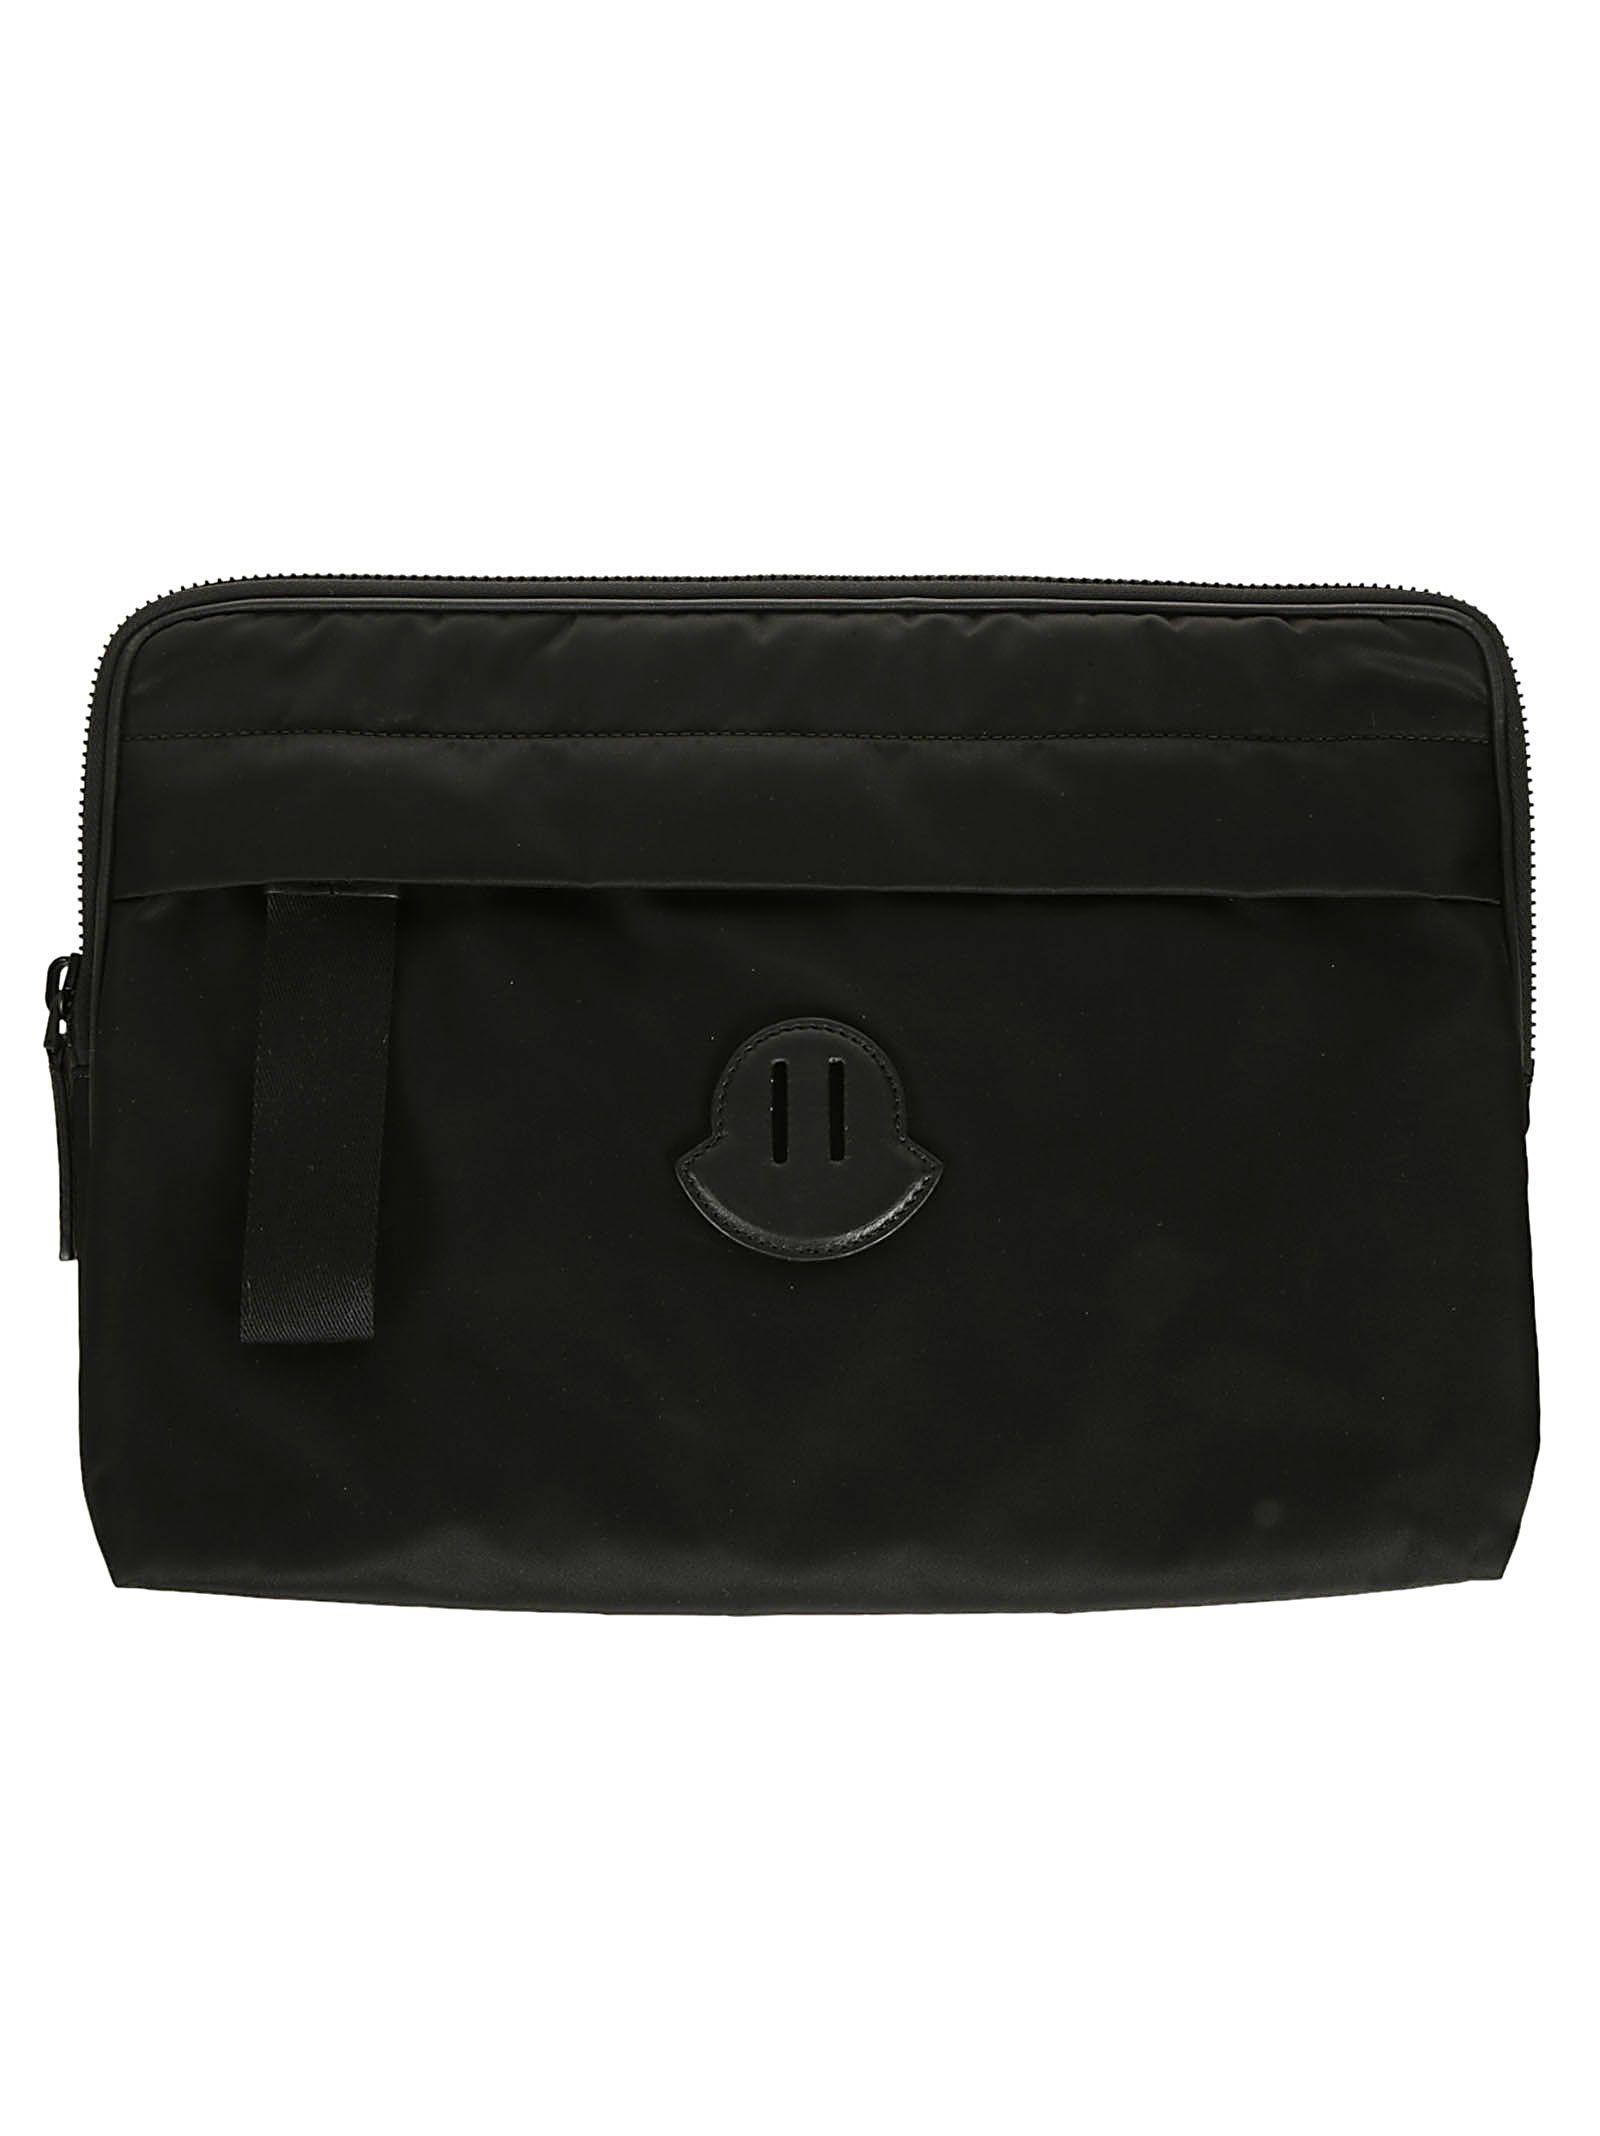 Case 10693061 Laptop Italist Moncler Black Logo Patch qSzwz6